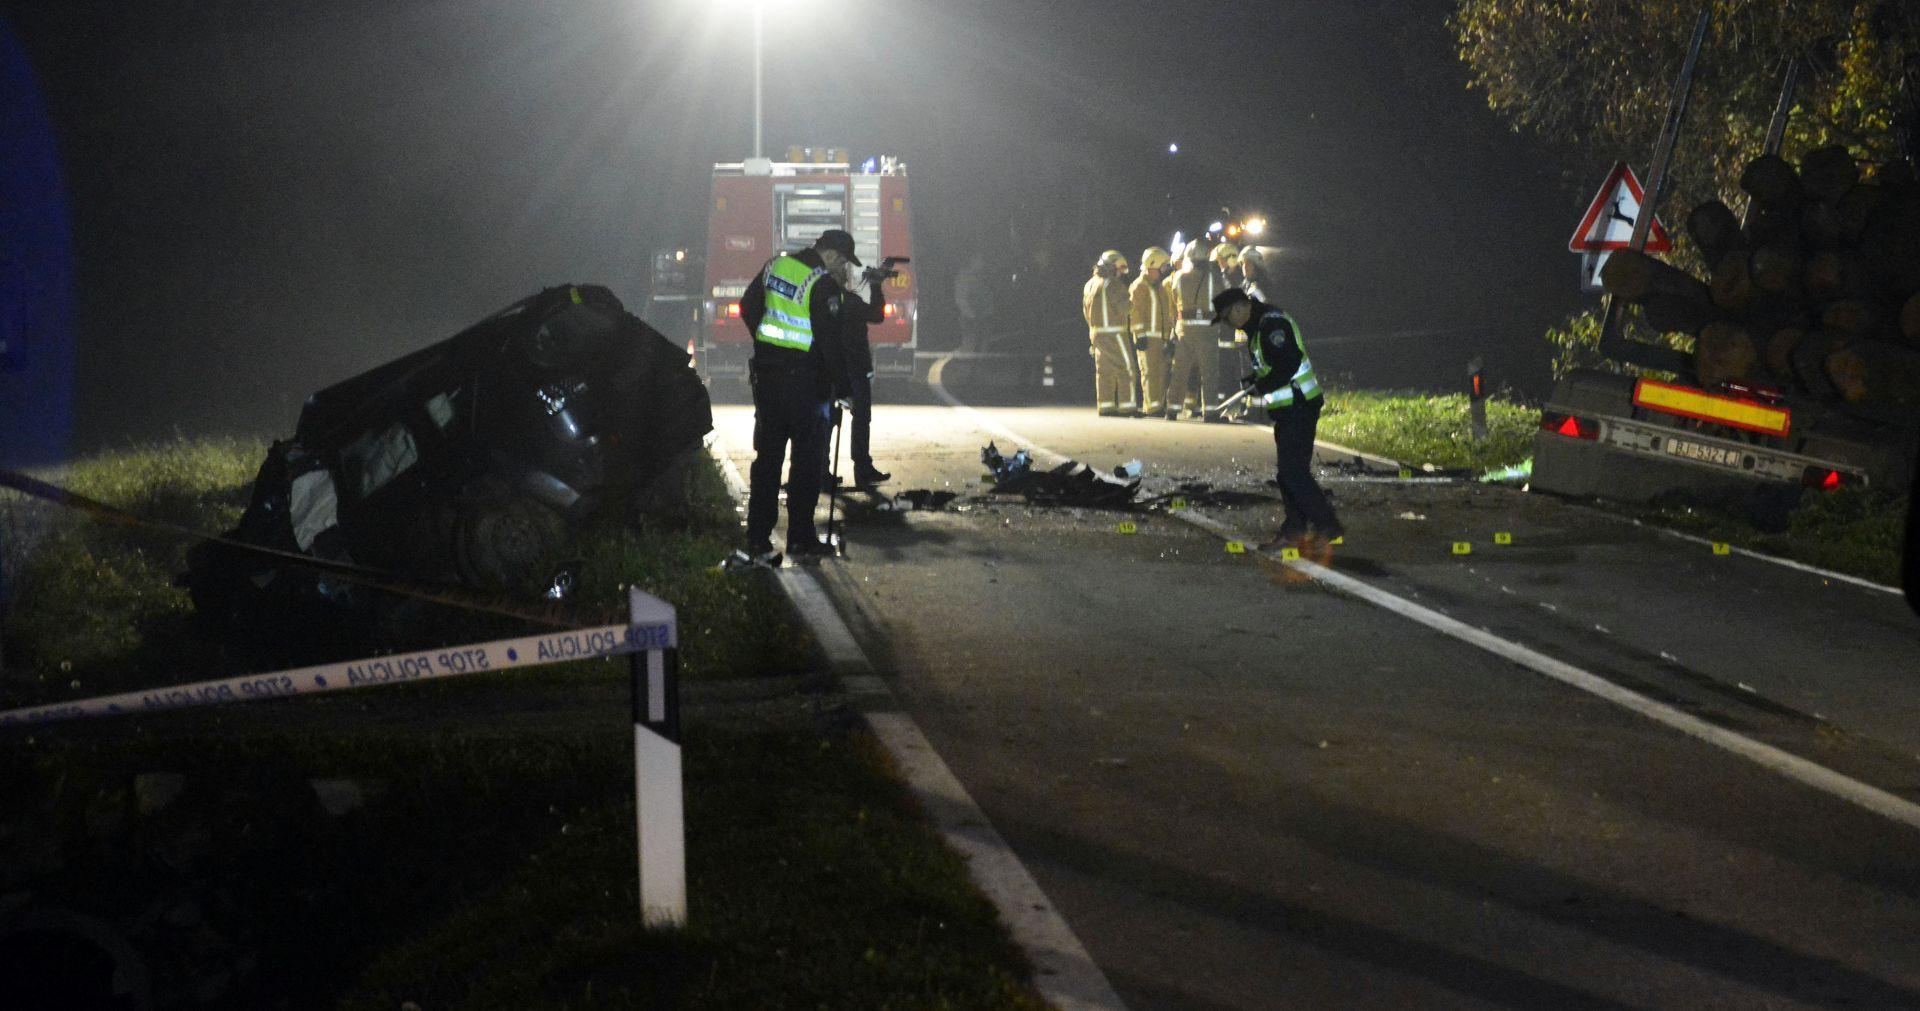 Brzina uzrok nesreće s dvoje poginulih na autocesti A3 kod Zagreba